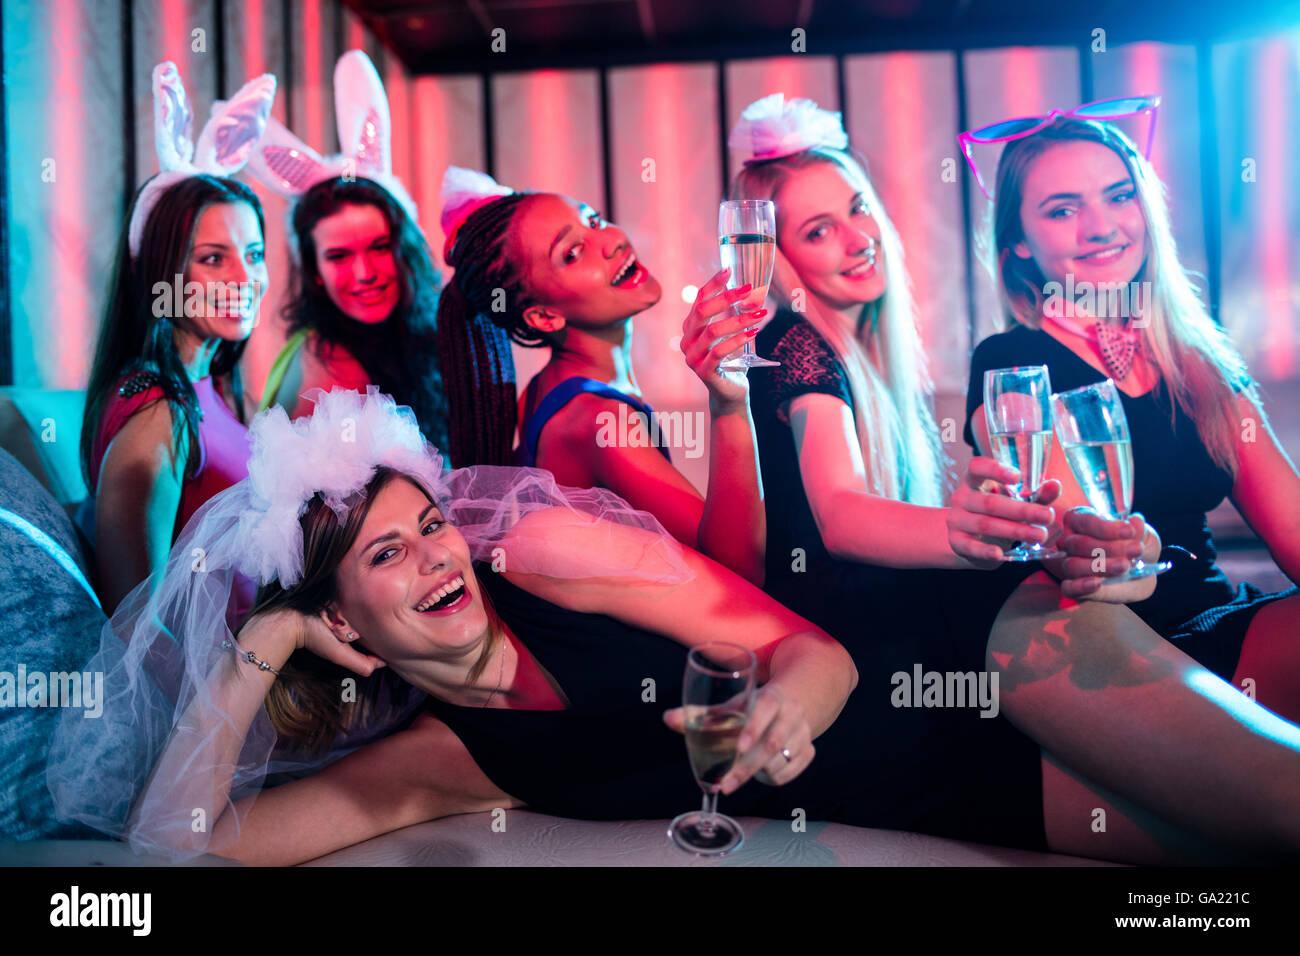 Grupo de mujeres posando con copa de champaña. Imagen De Stock